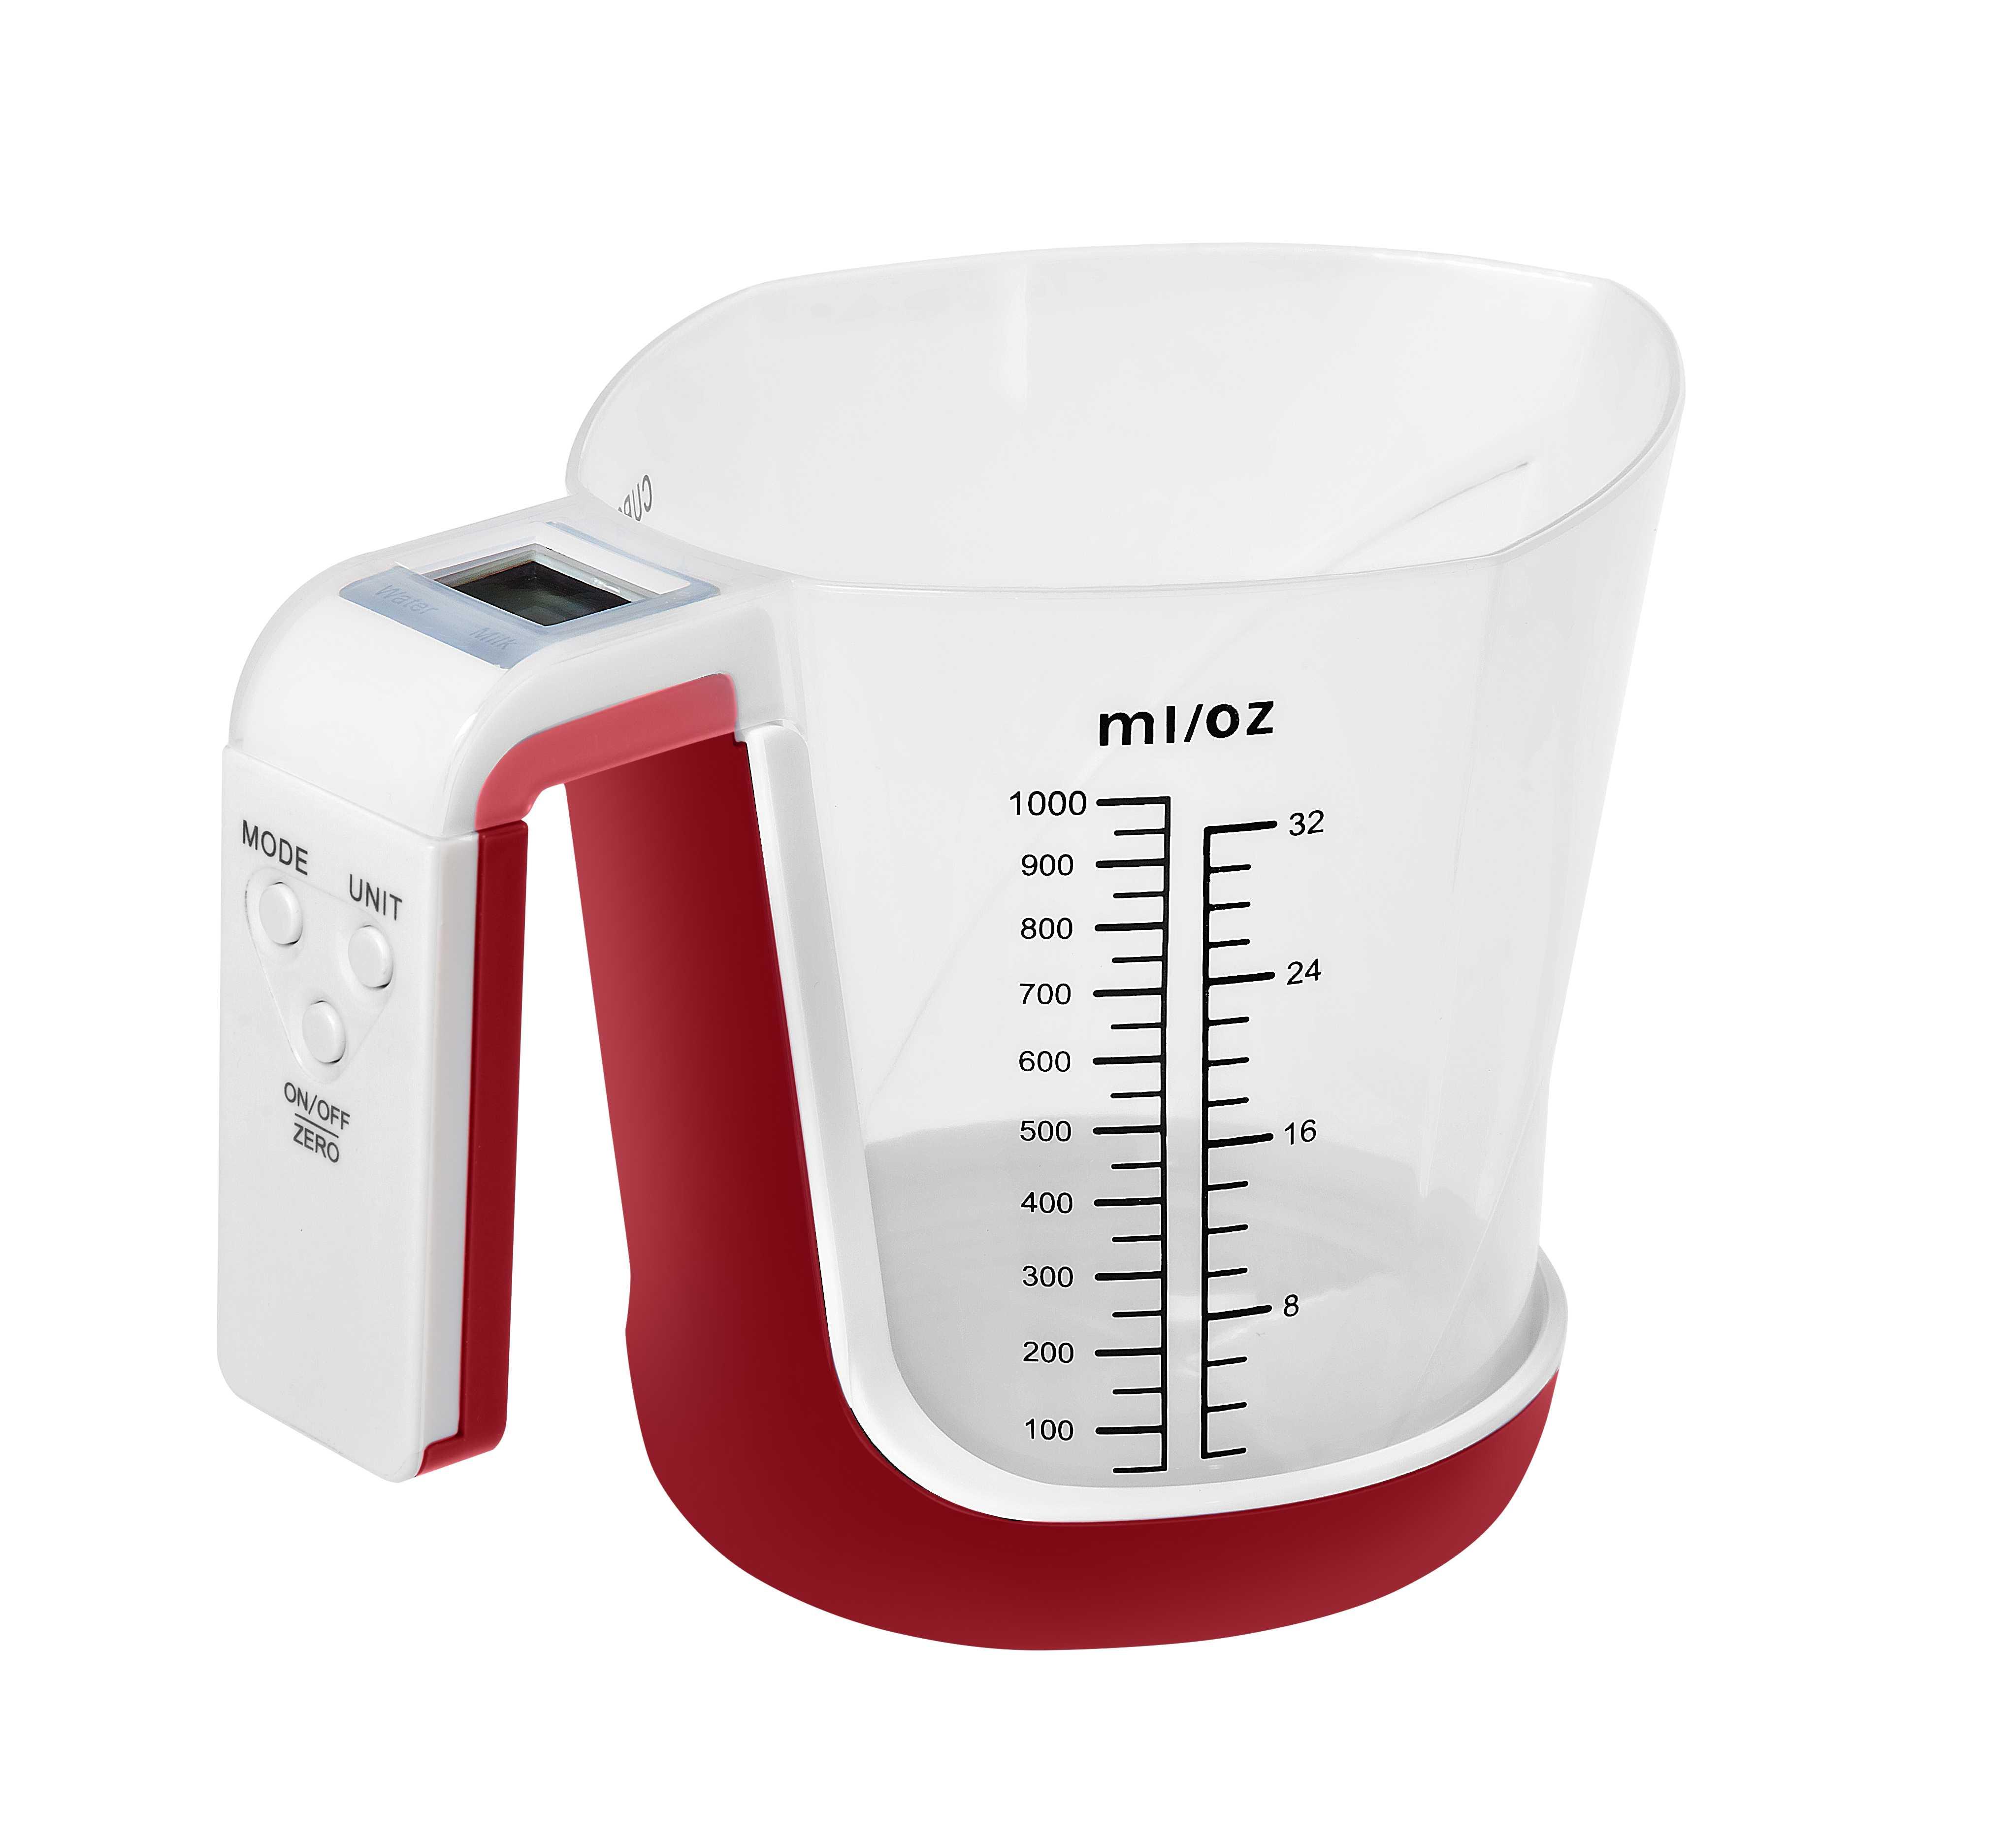 Pks 284 3Kg Lcd Göstergeli Sıvı Ölçer Fonksiyonlu Mutfak Tartısı